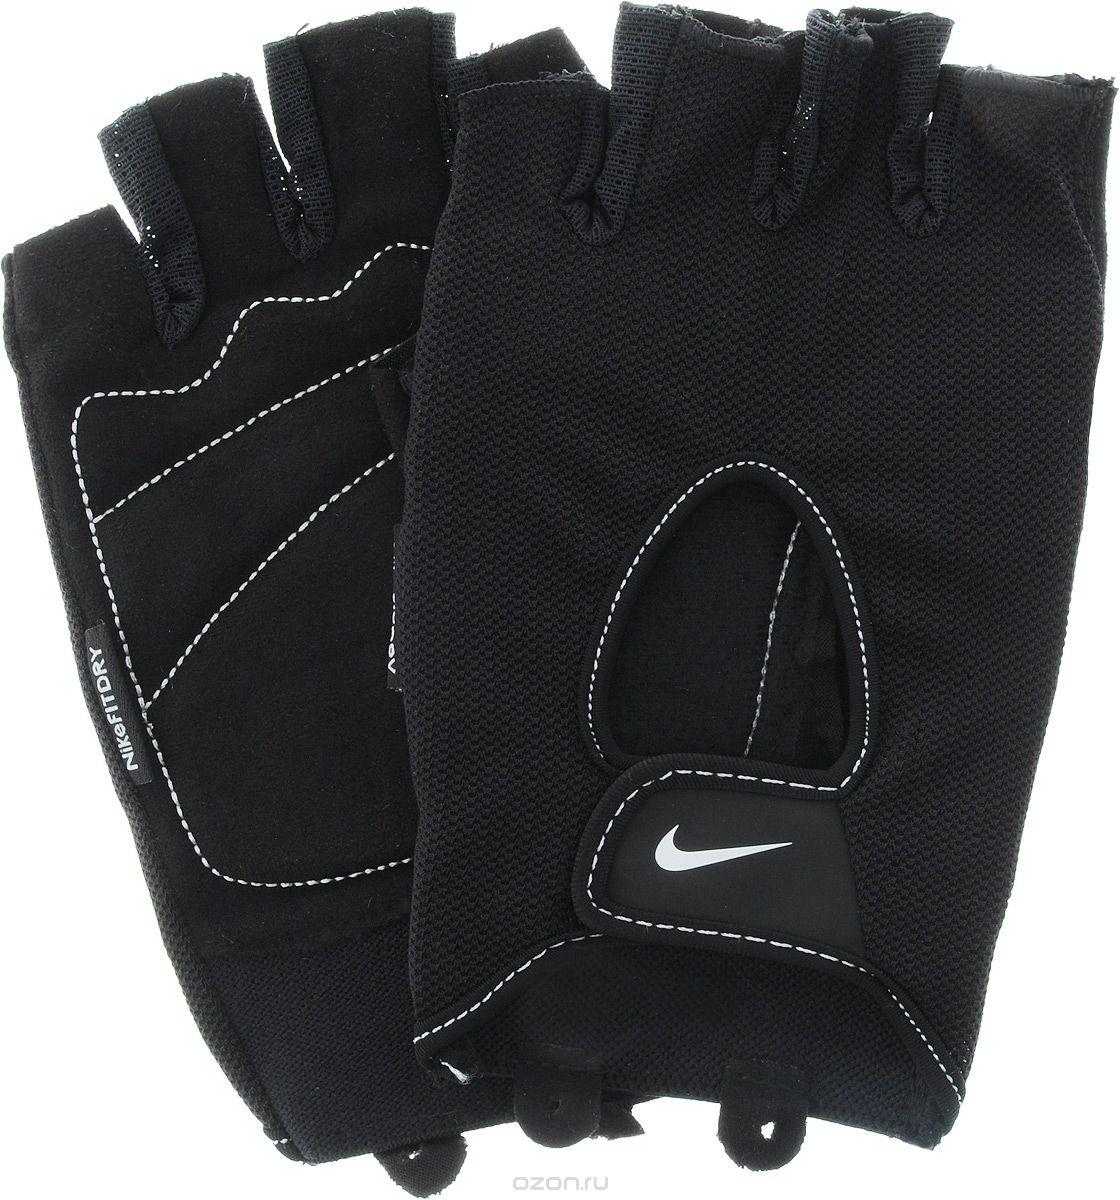 """Перчатки для фитнеса мужские Nike """"Men's Fundamental Training Gloves"""", цвет: черный. Размер L 9.092.053.037."""